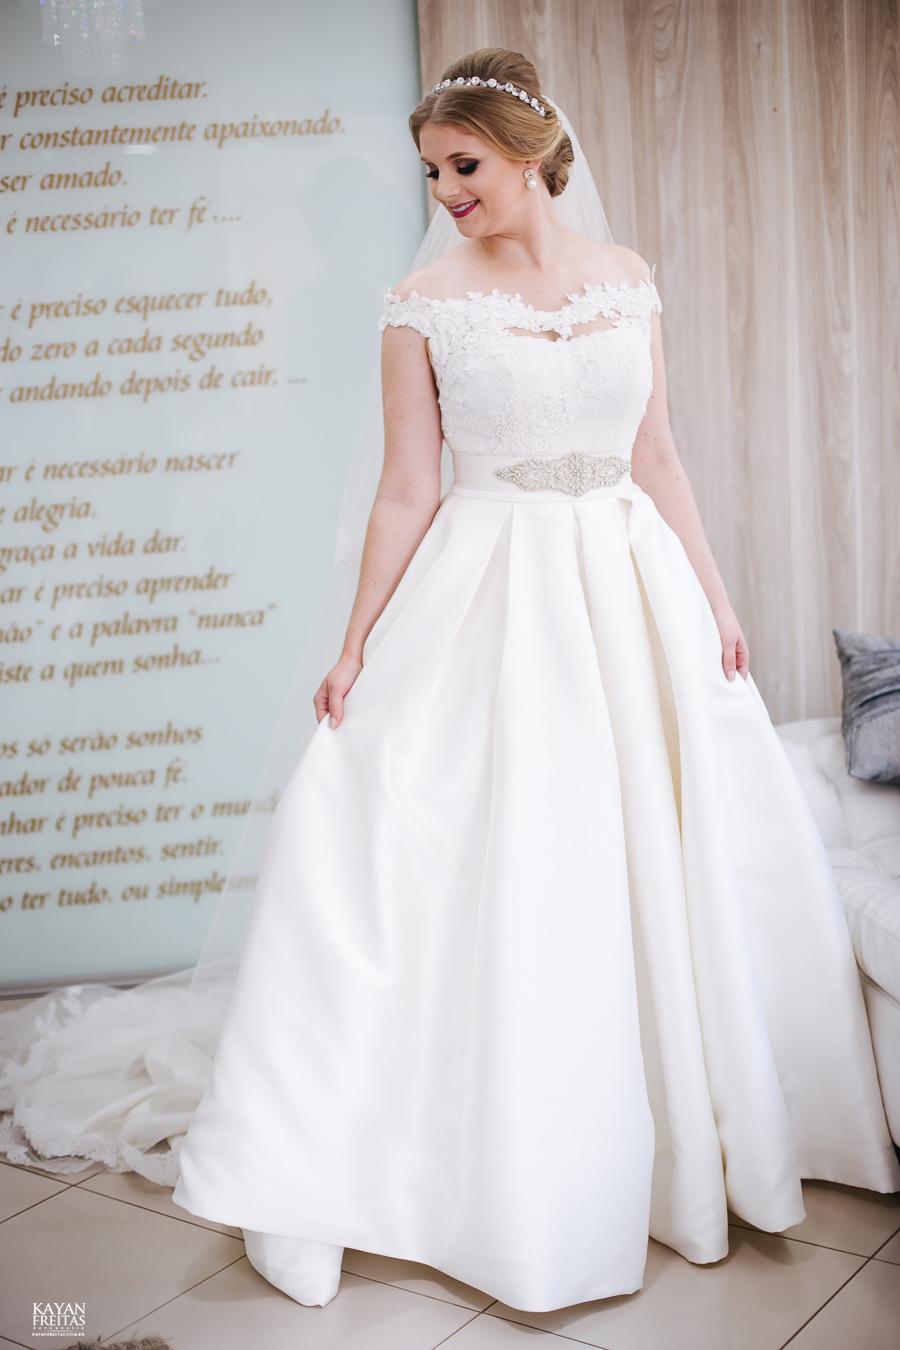 casamento-fraiburgo-sem-0028 Casamento em Fraiburgo - Samara e Max